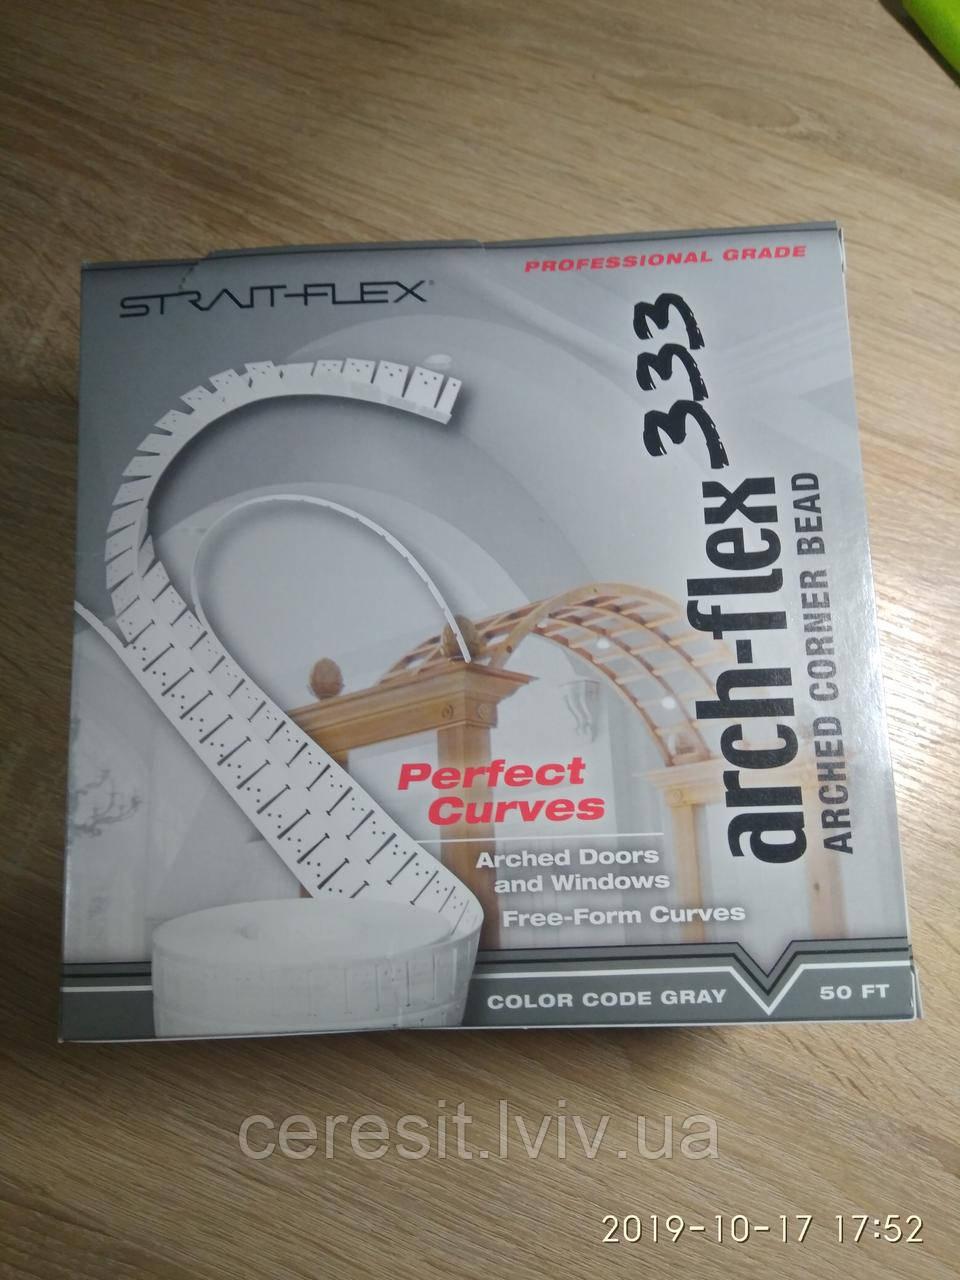 Лента arch flex для арок 15 м/пог (арочний кутник)